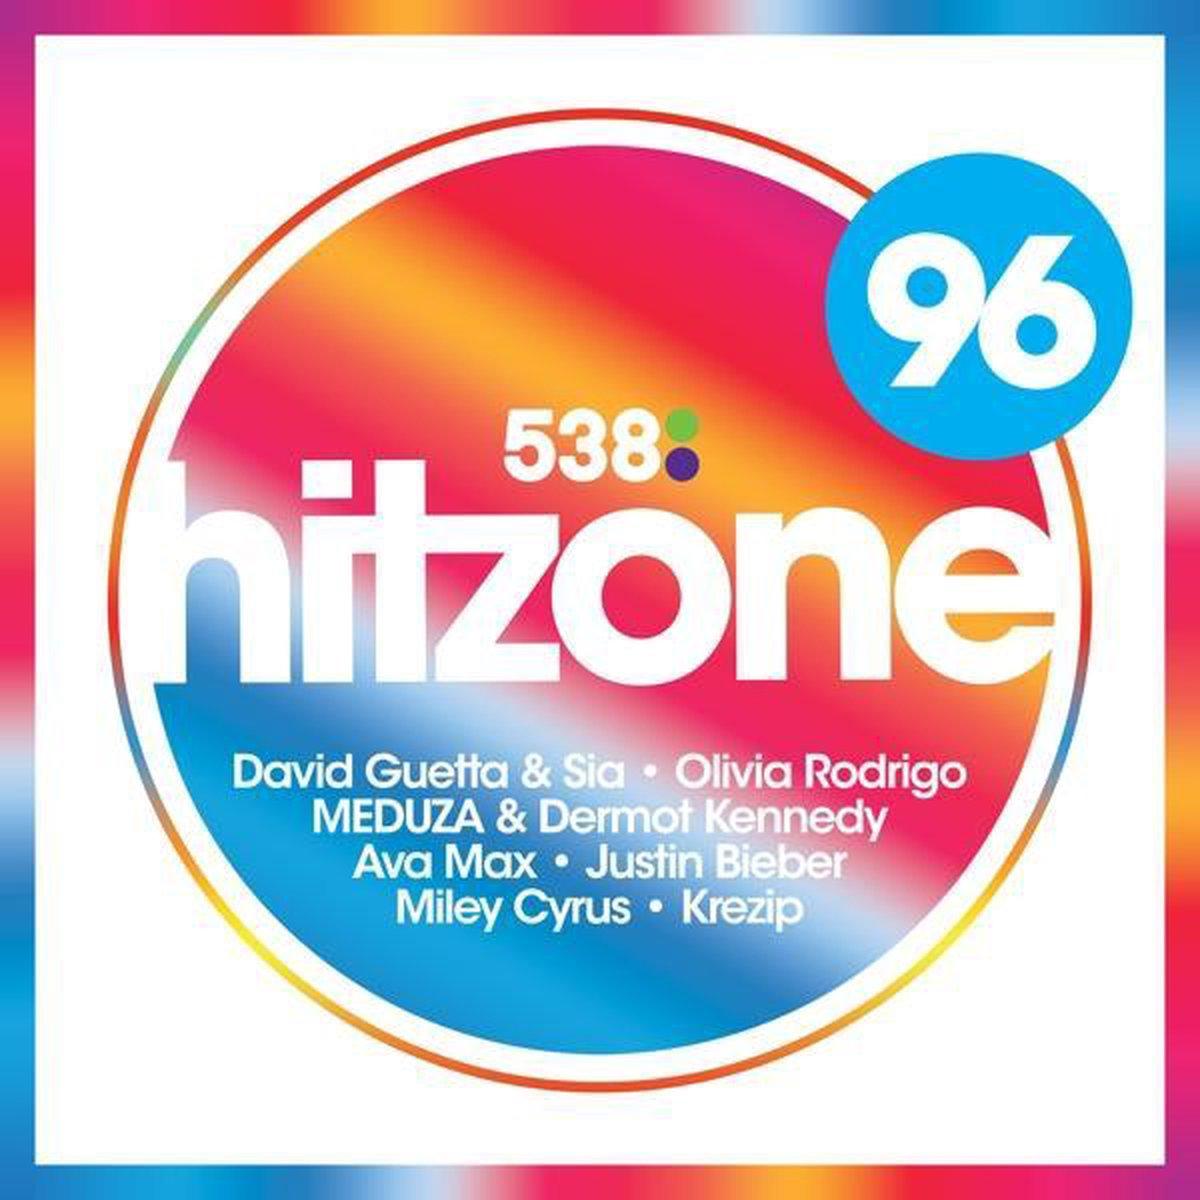 538 Hitzone 96 - Hitzone